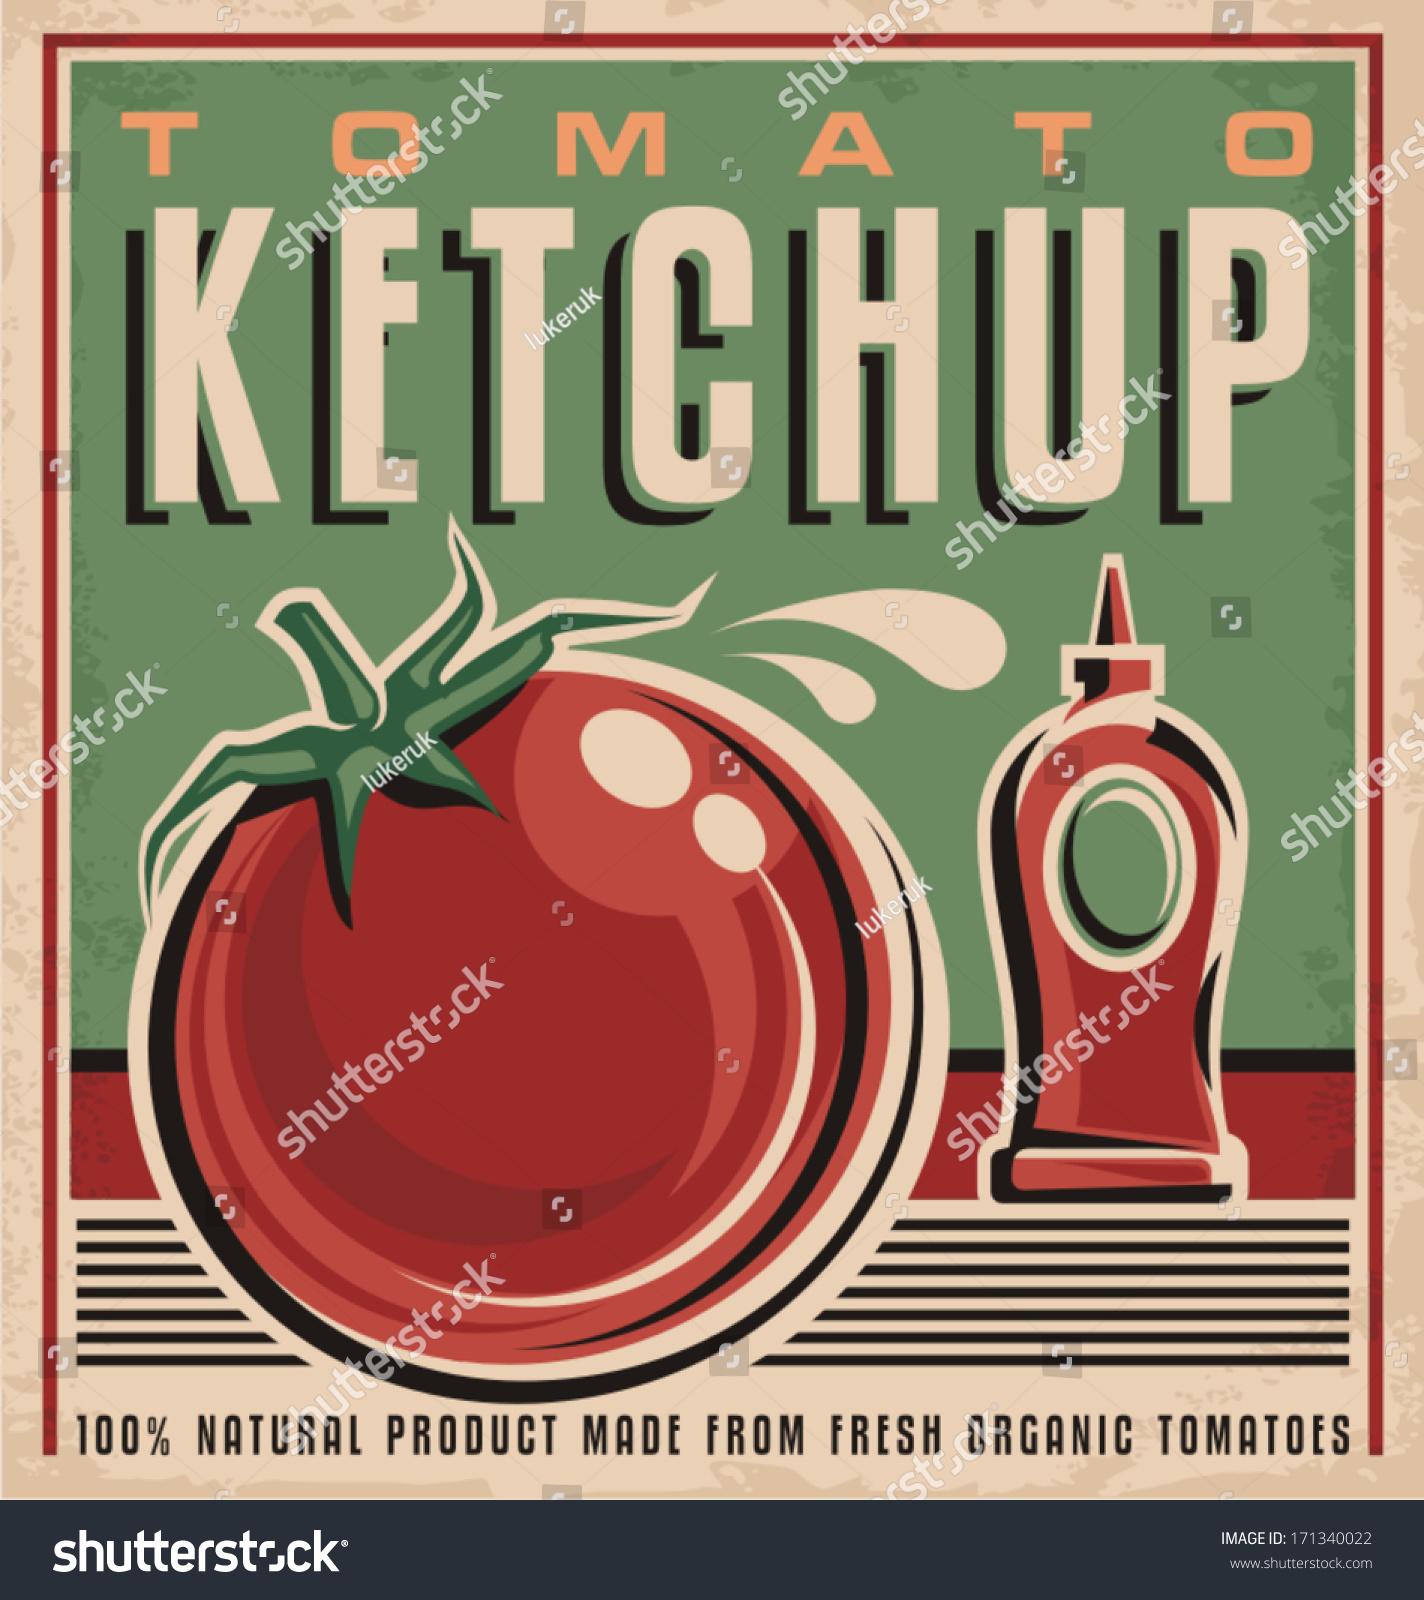 Tomato Ketchup Retro Design Concept Vintage Stock Vector Royalty